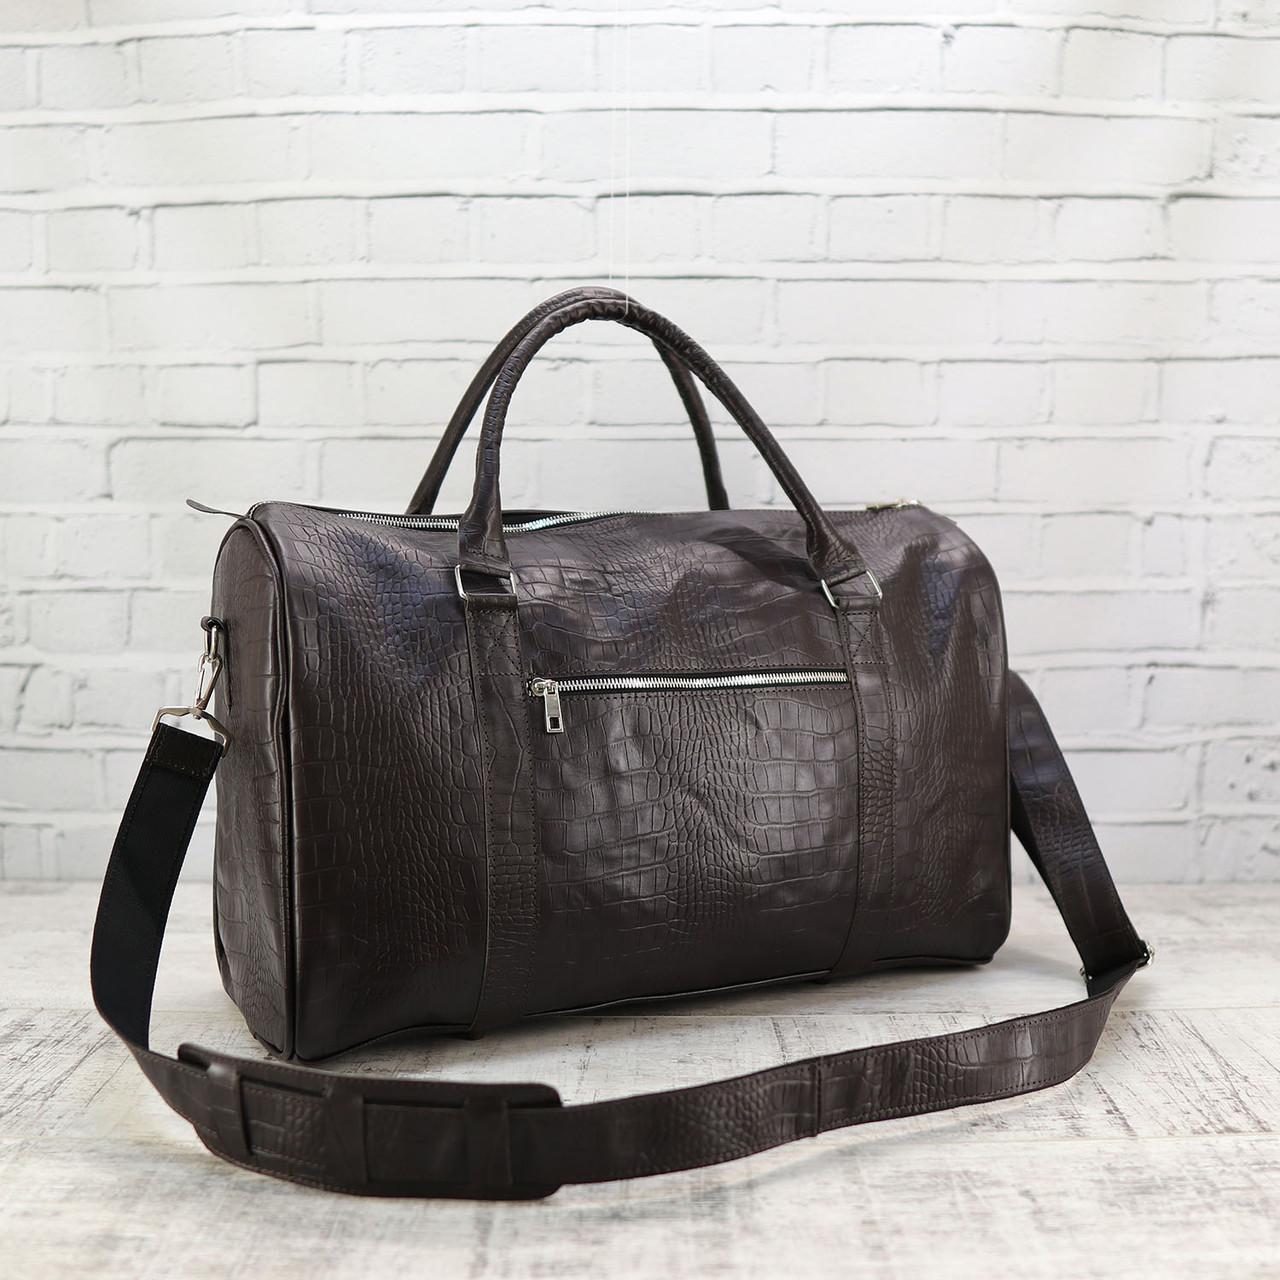 Дорожная сумка louis коричневая из натуральной кожи kayman